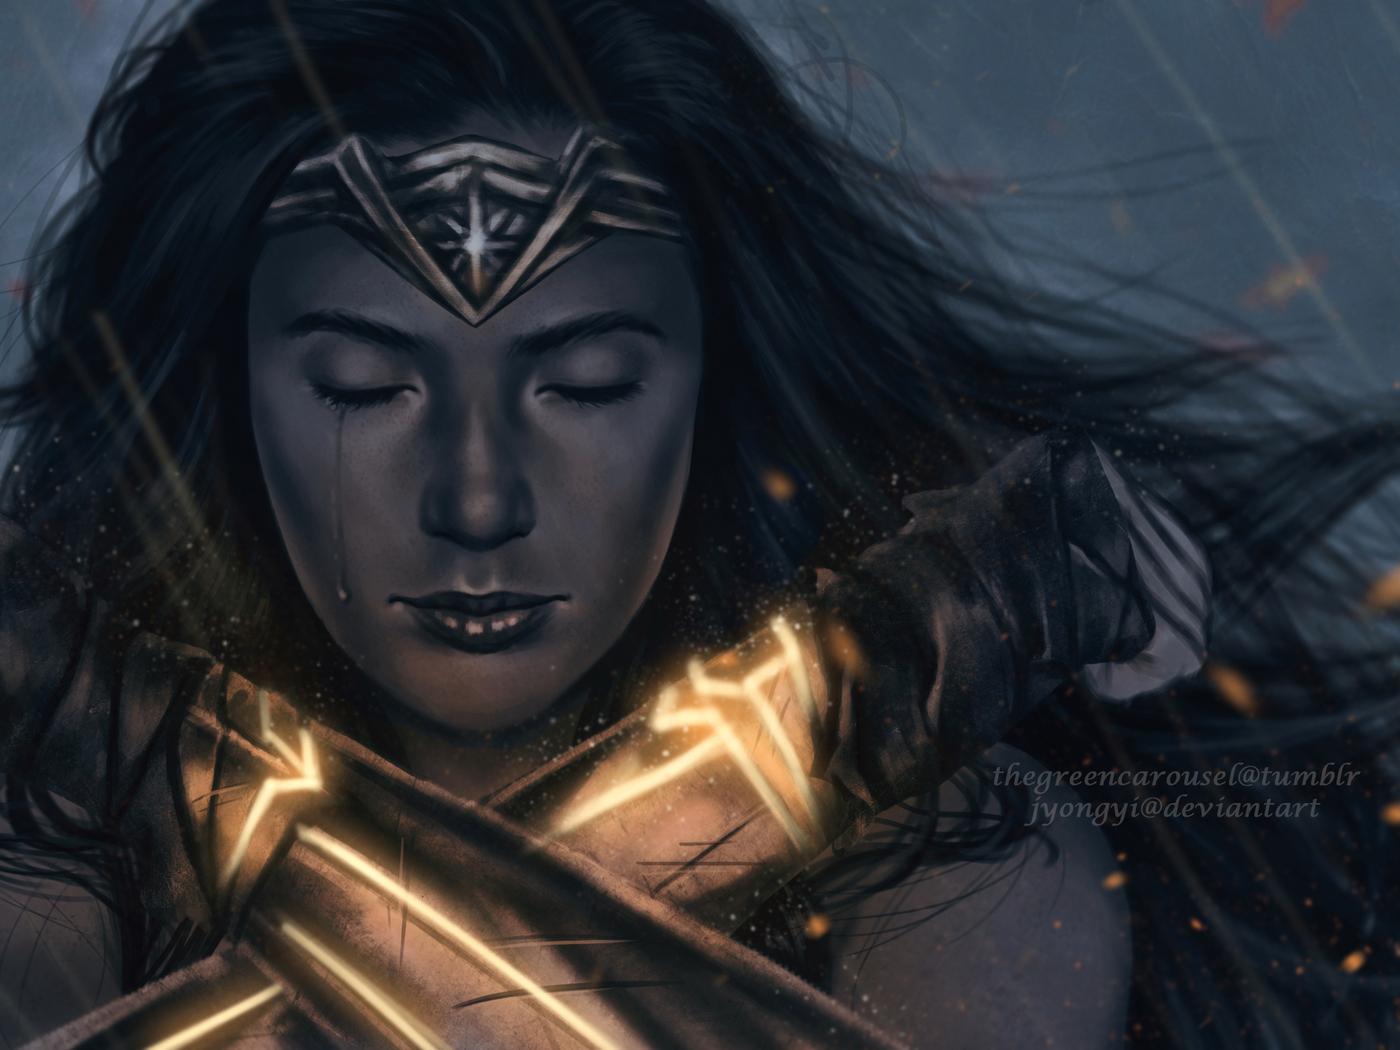 wonder-woman-fan-art-no-mans-land-0k.jpg